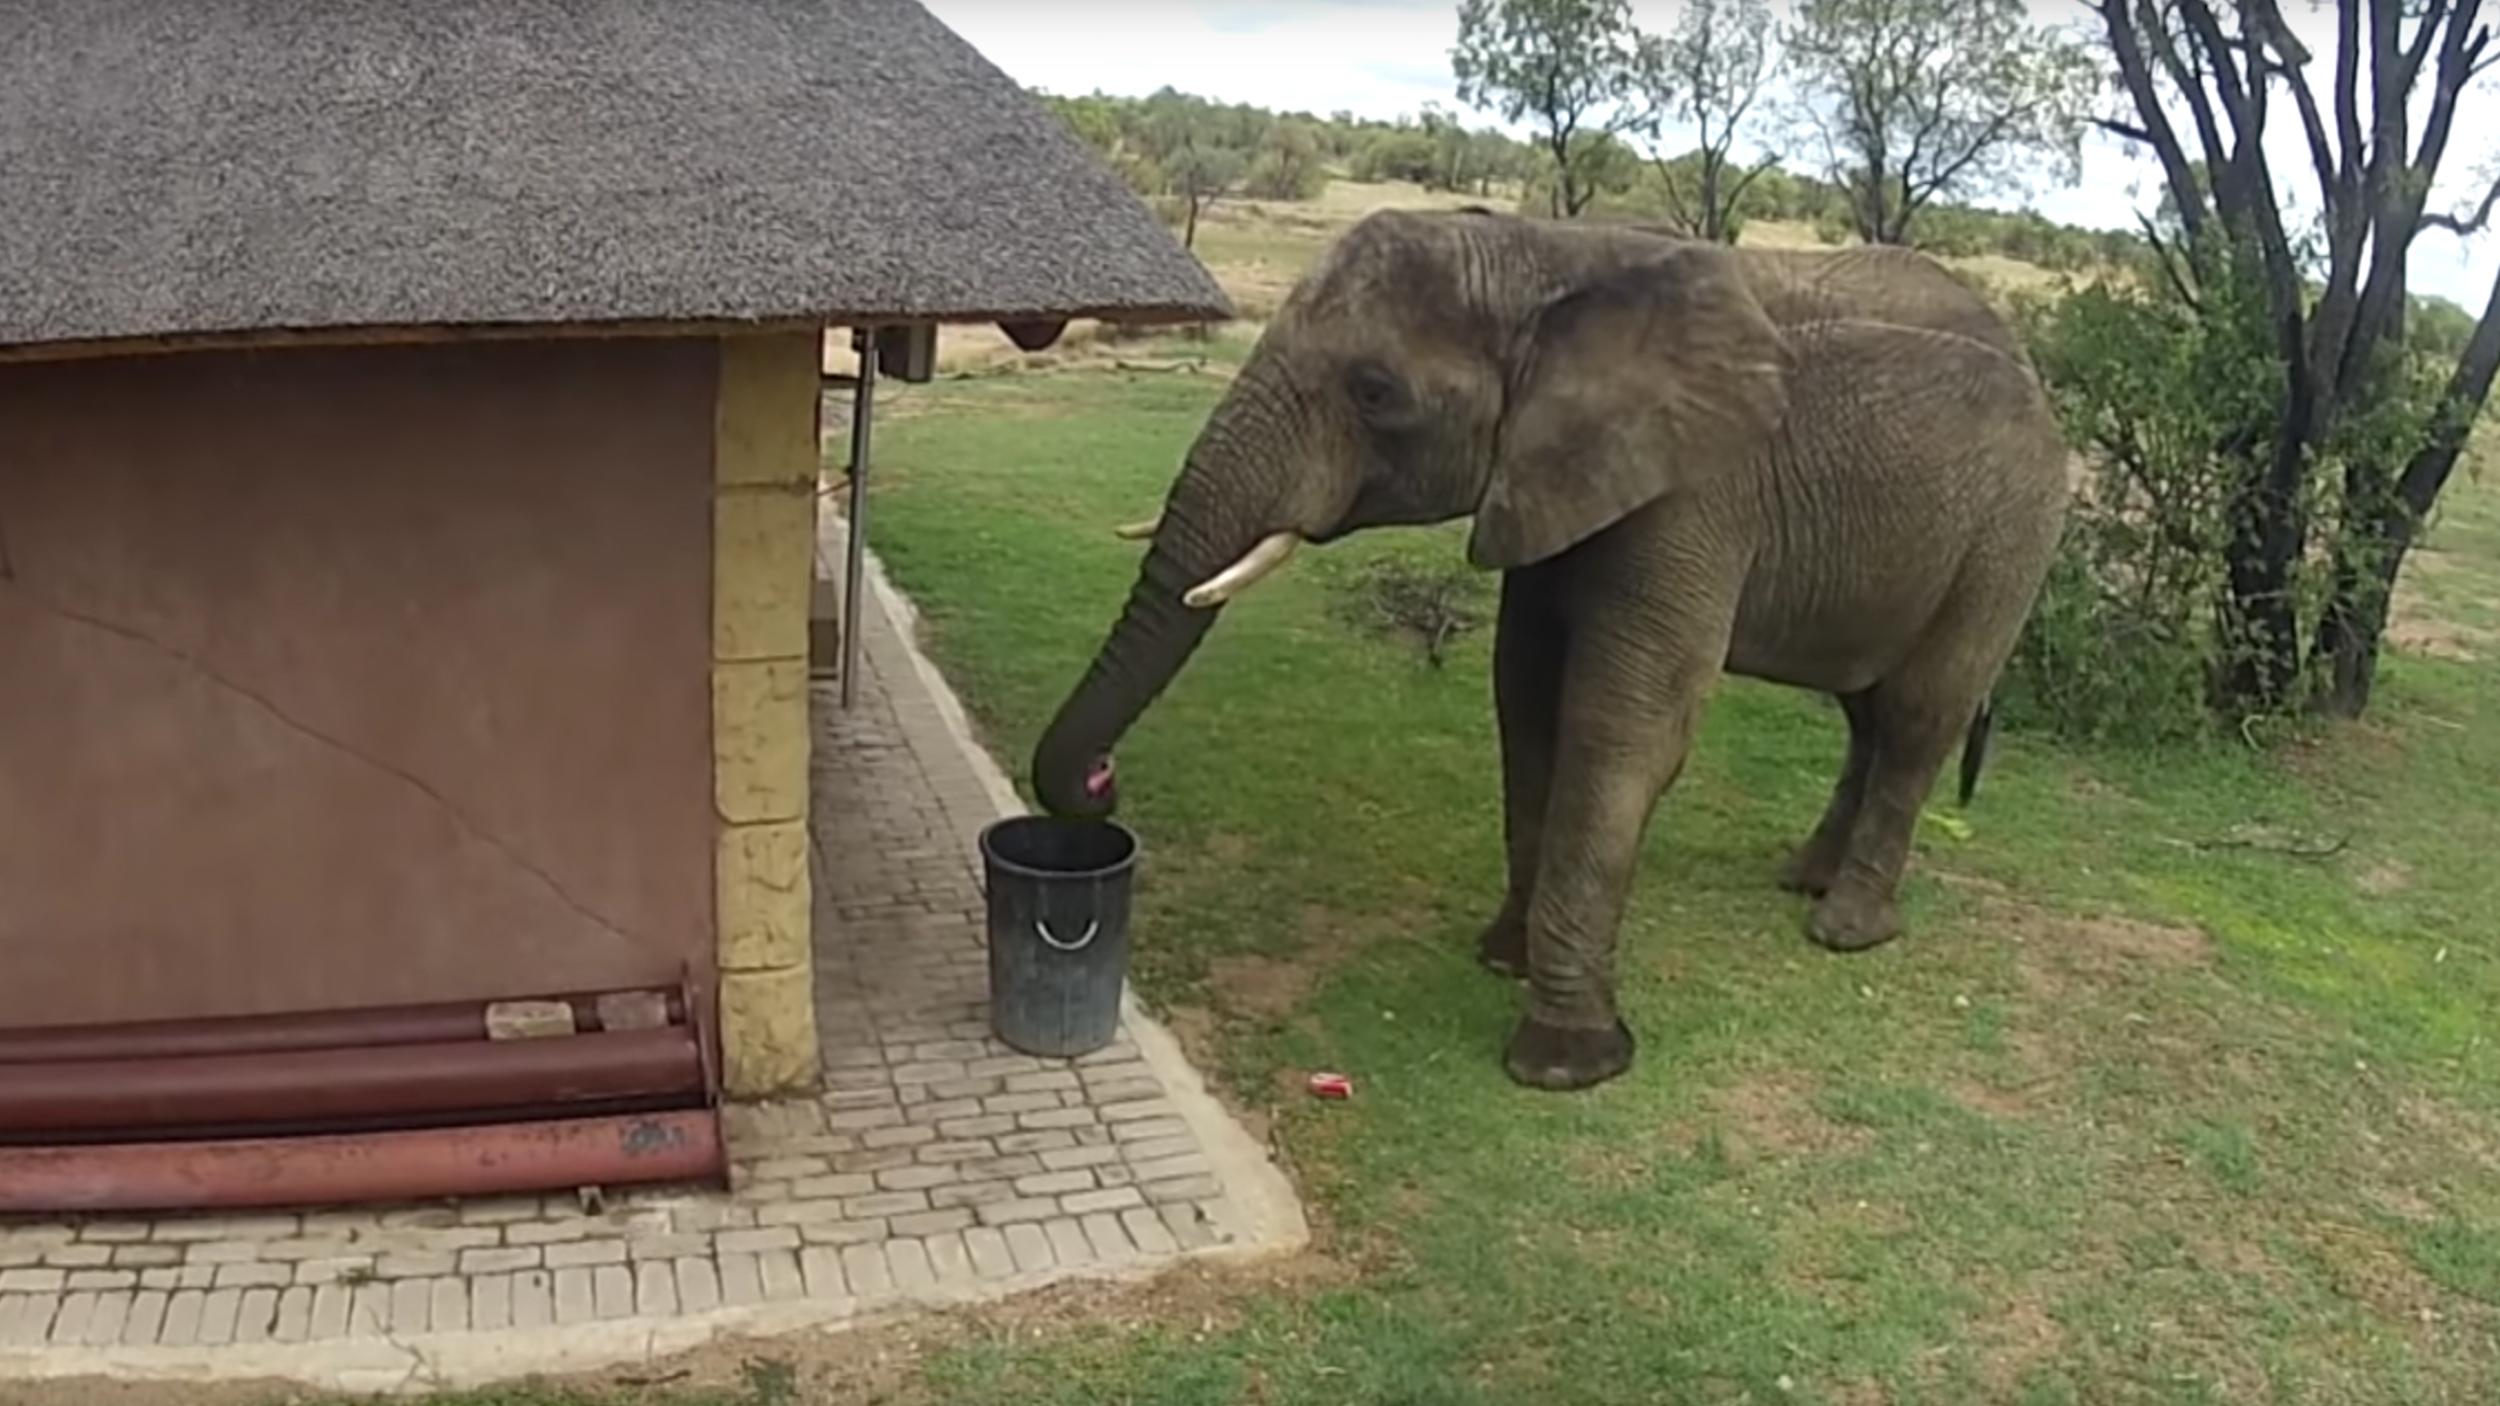 Dieser aufräumende Elefant ist umweltbewusster als du - VICE